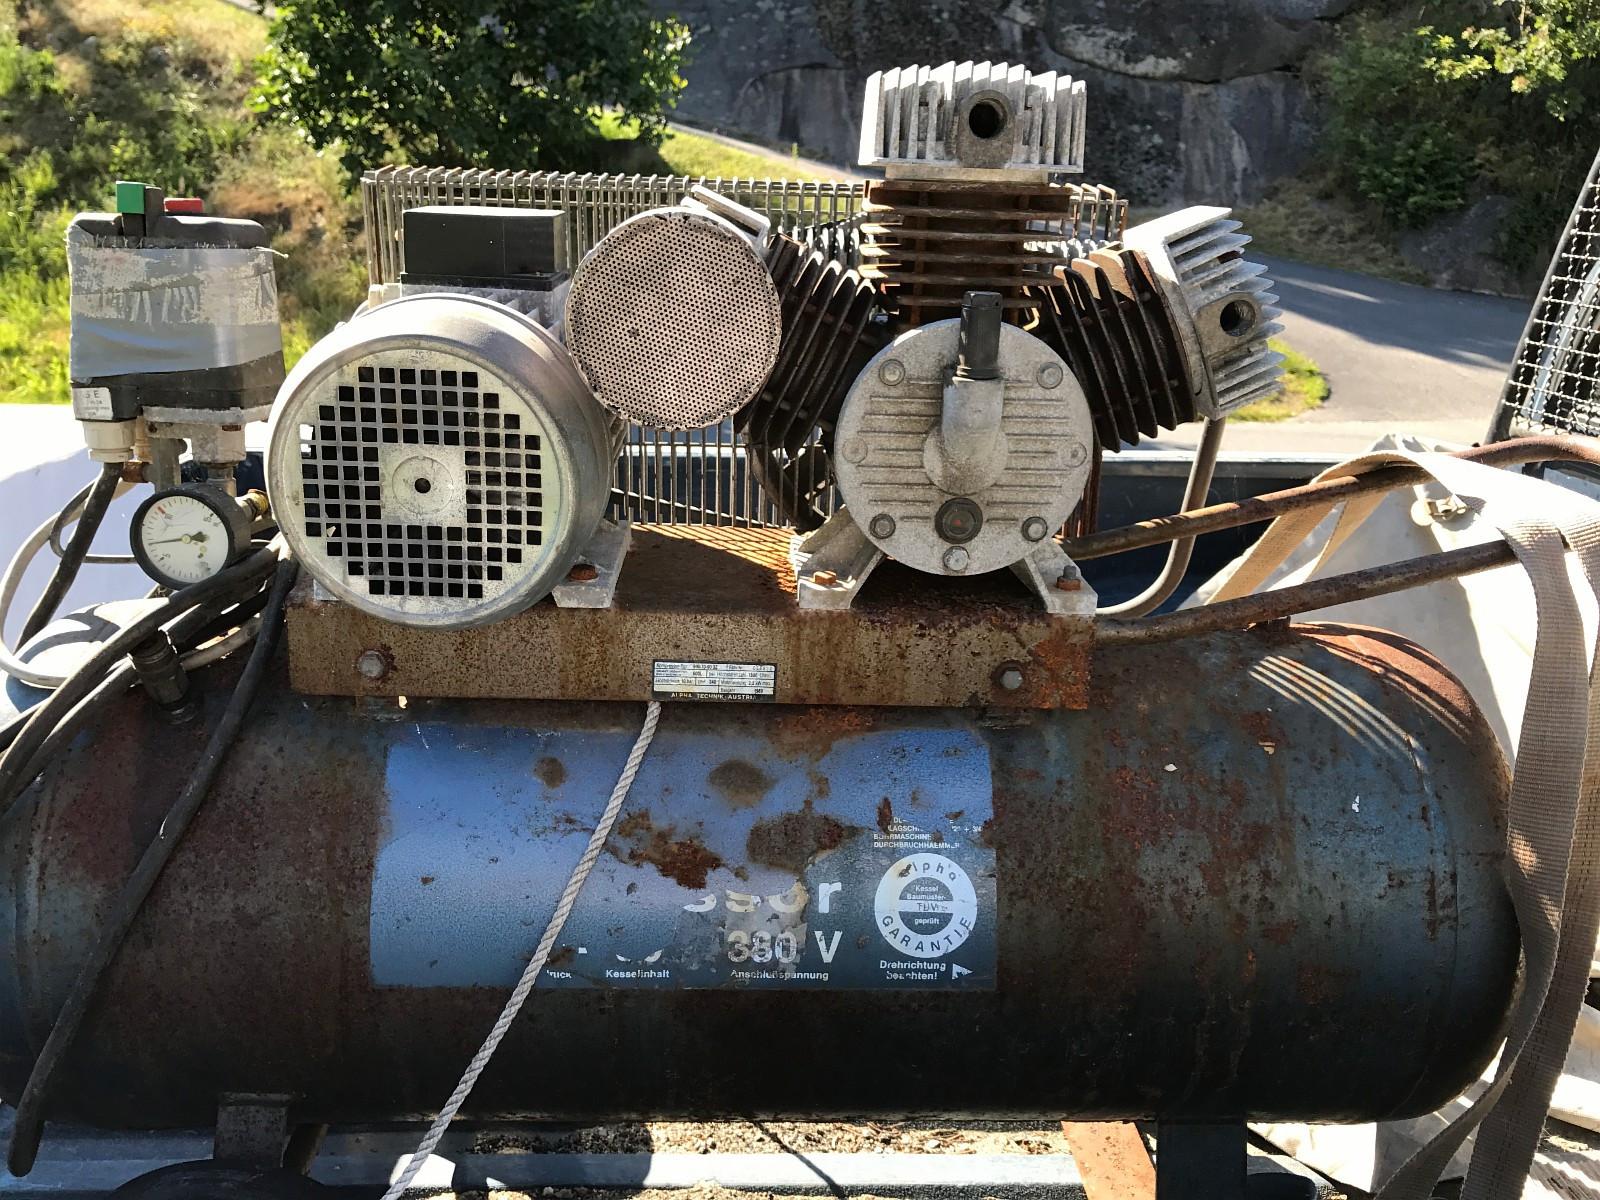 ALPHA kompressor - Fredrikstad  - 3 sylindret alpha kompressor. fungerer fint. 3 fas. mangler 2 luftfilter. Bud - Fredrikstad